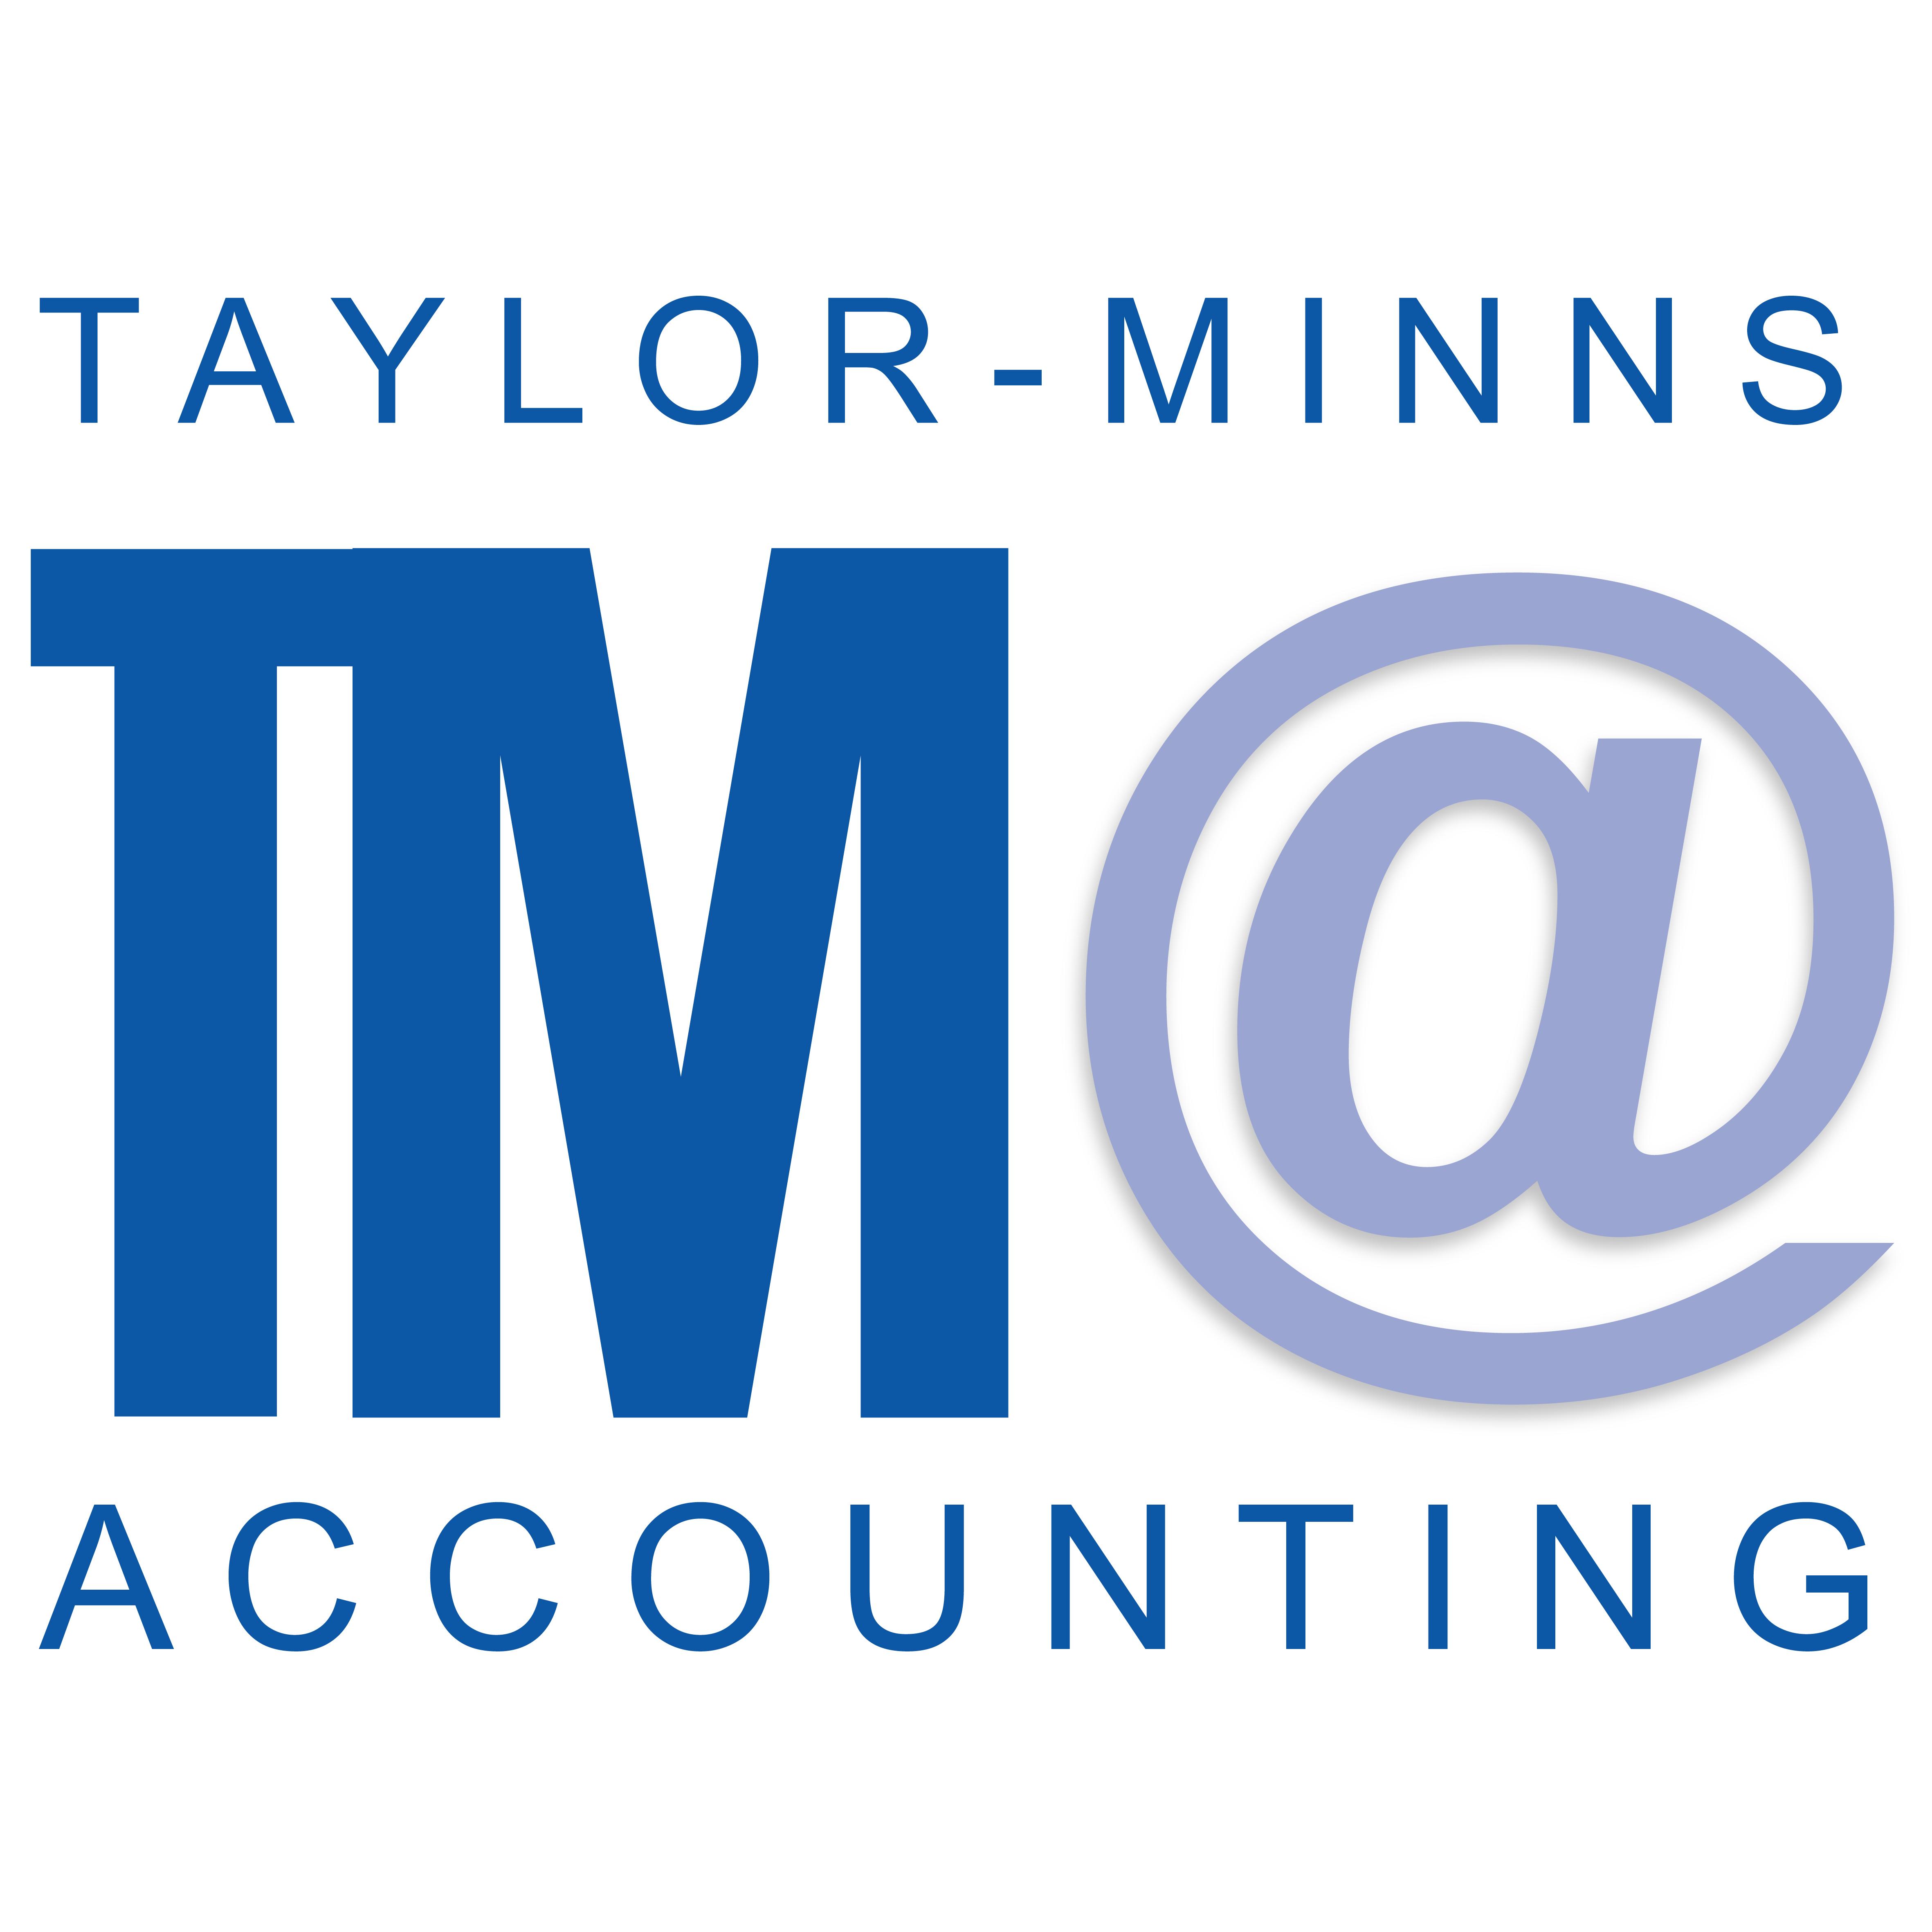 Taylor Minns